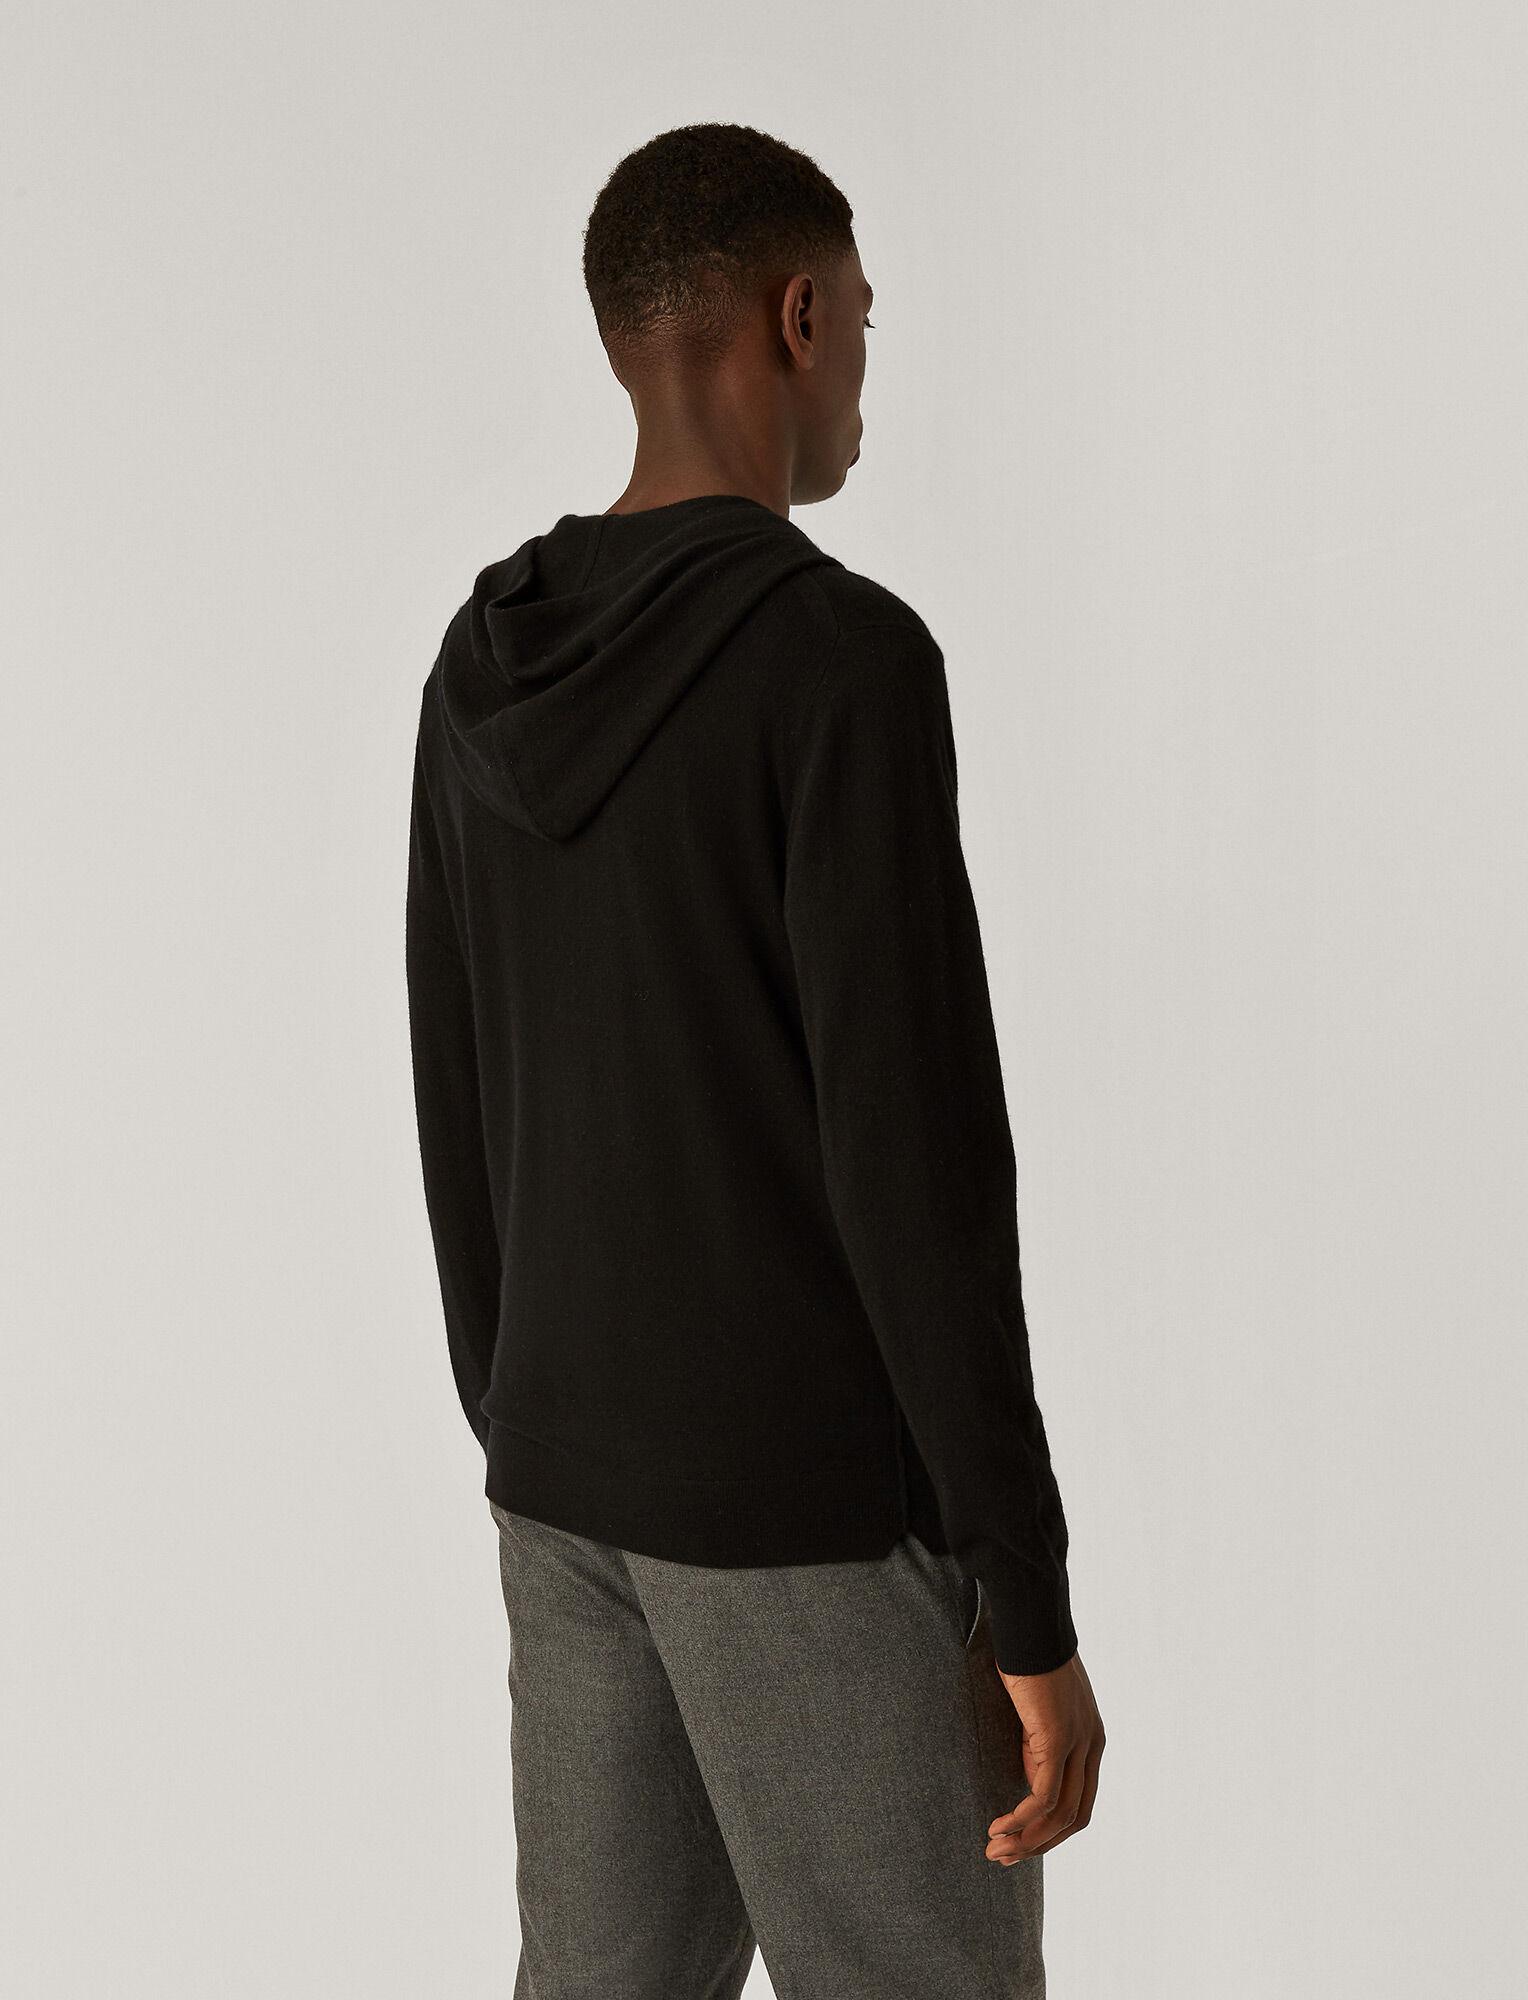 Joseph, Sweat à capuche tricoté en cachemire, in Black